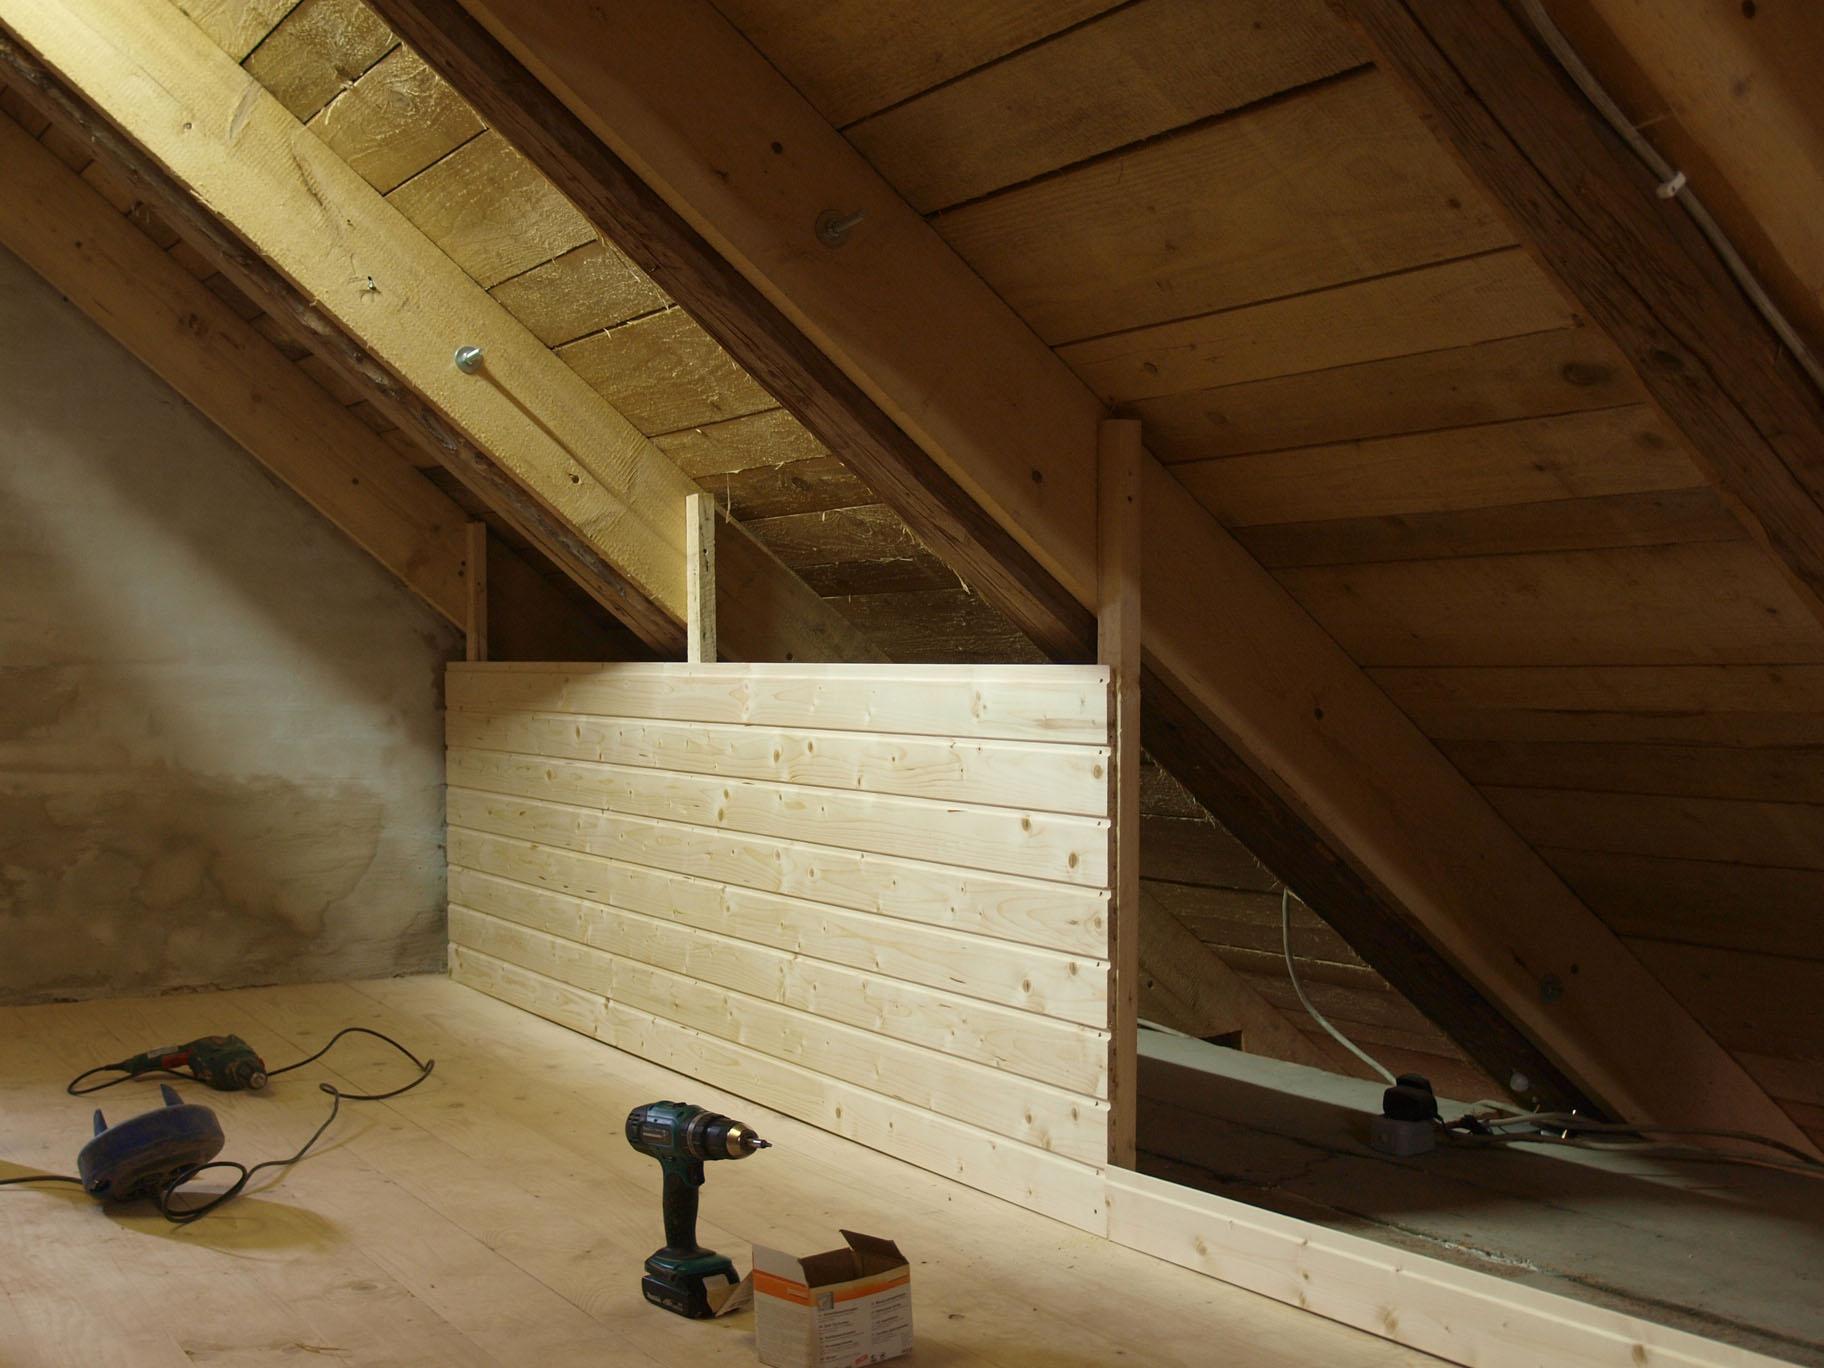 Full Size of Dachgeschosswohnung Einrichten Einrichtungsideen Schlafzimmer Dachschrage Caseconradcom Badezimmer Kleine Küche Wohnzimmer Dachgeschosswohnung Einrichten